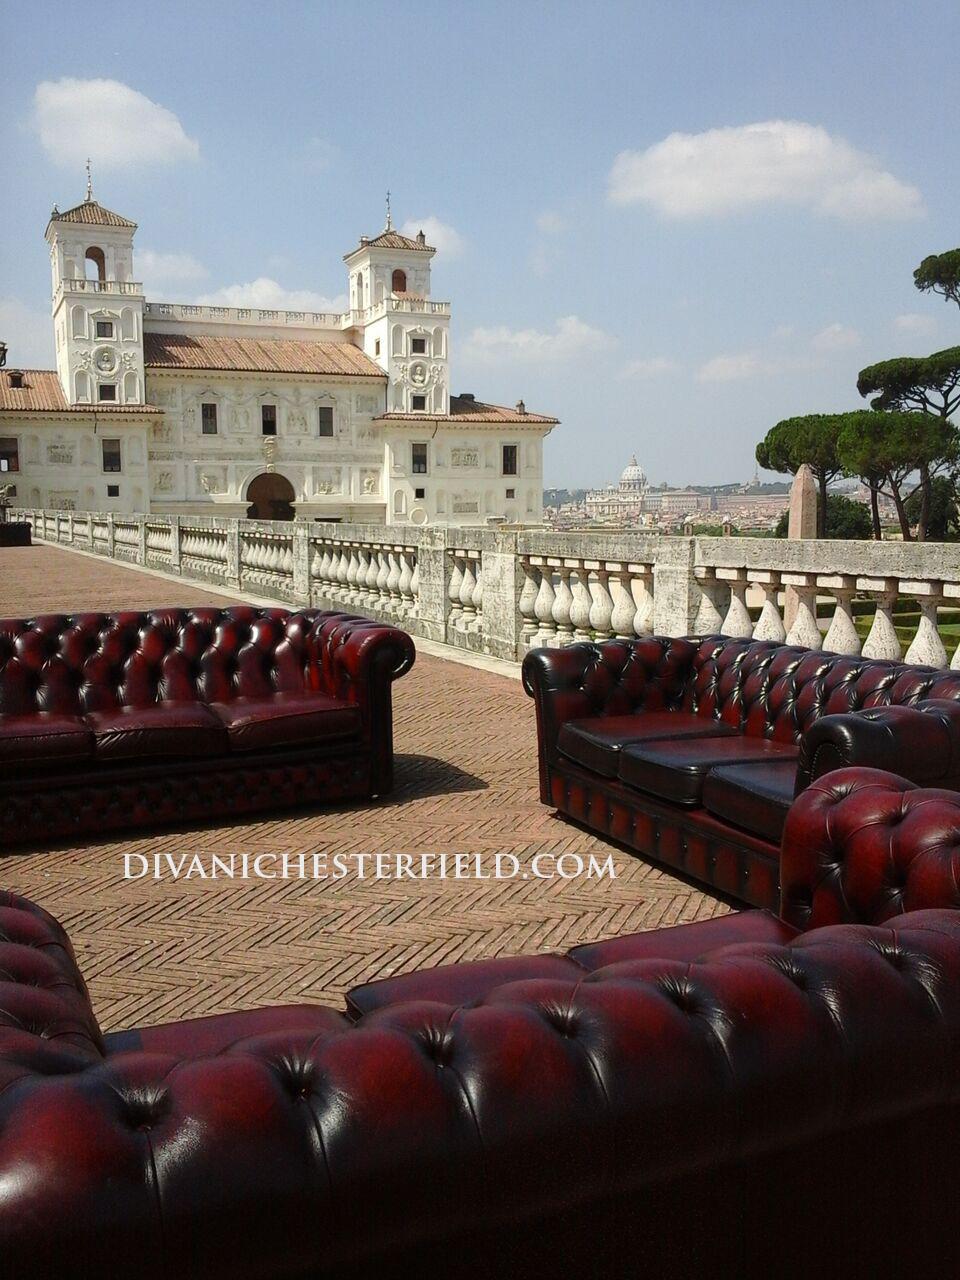 Noleggio affitto potrone chester divani chesterfield eventi for Affitto roma termini